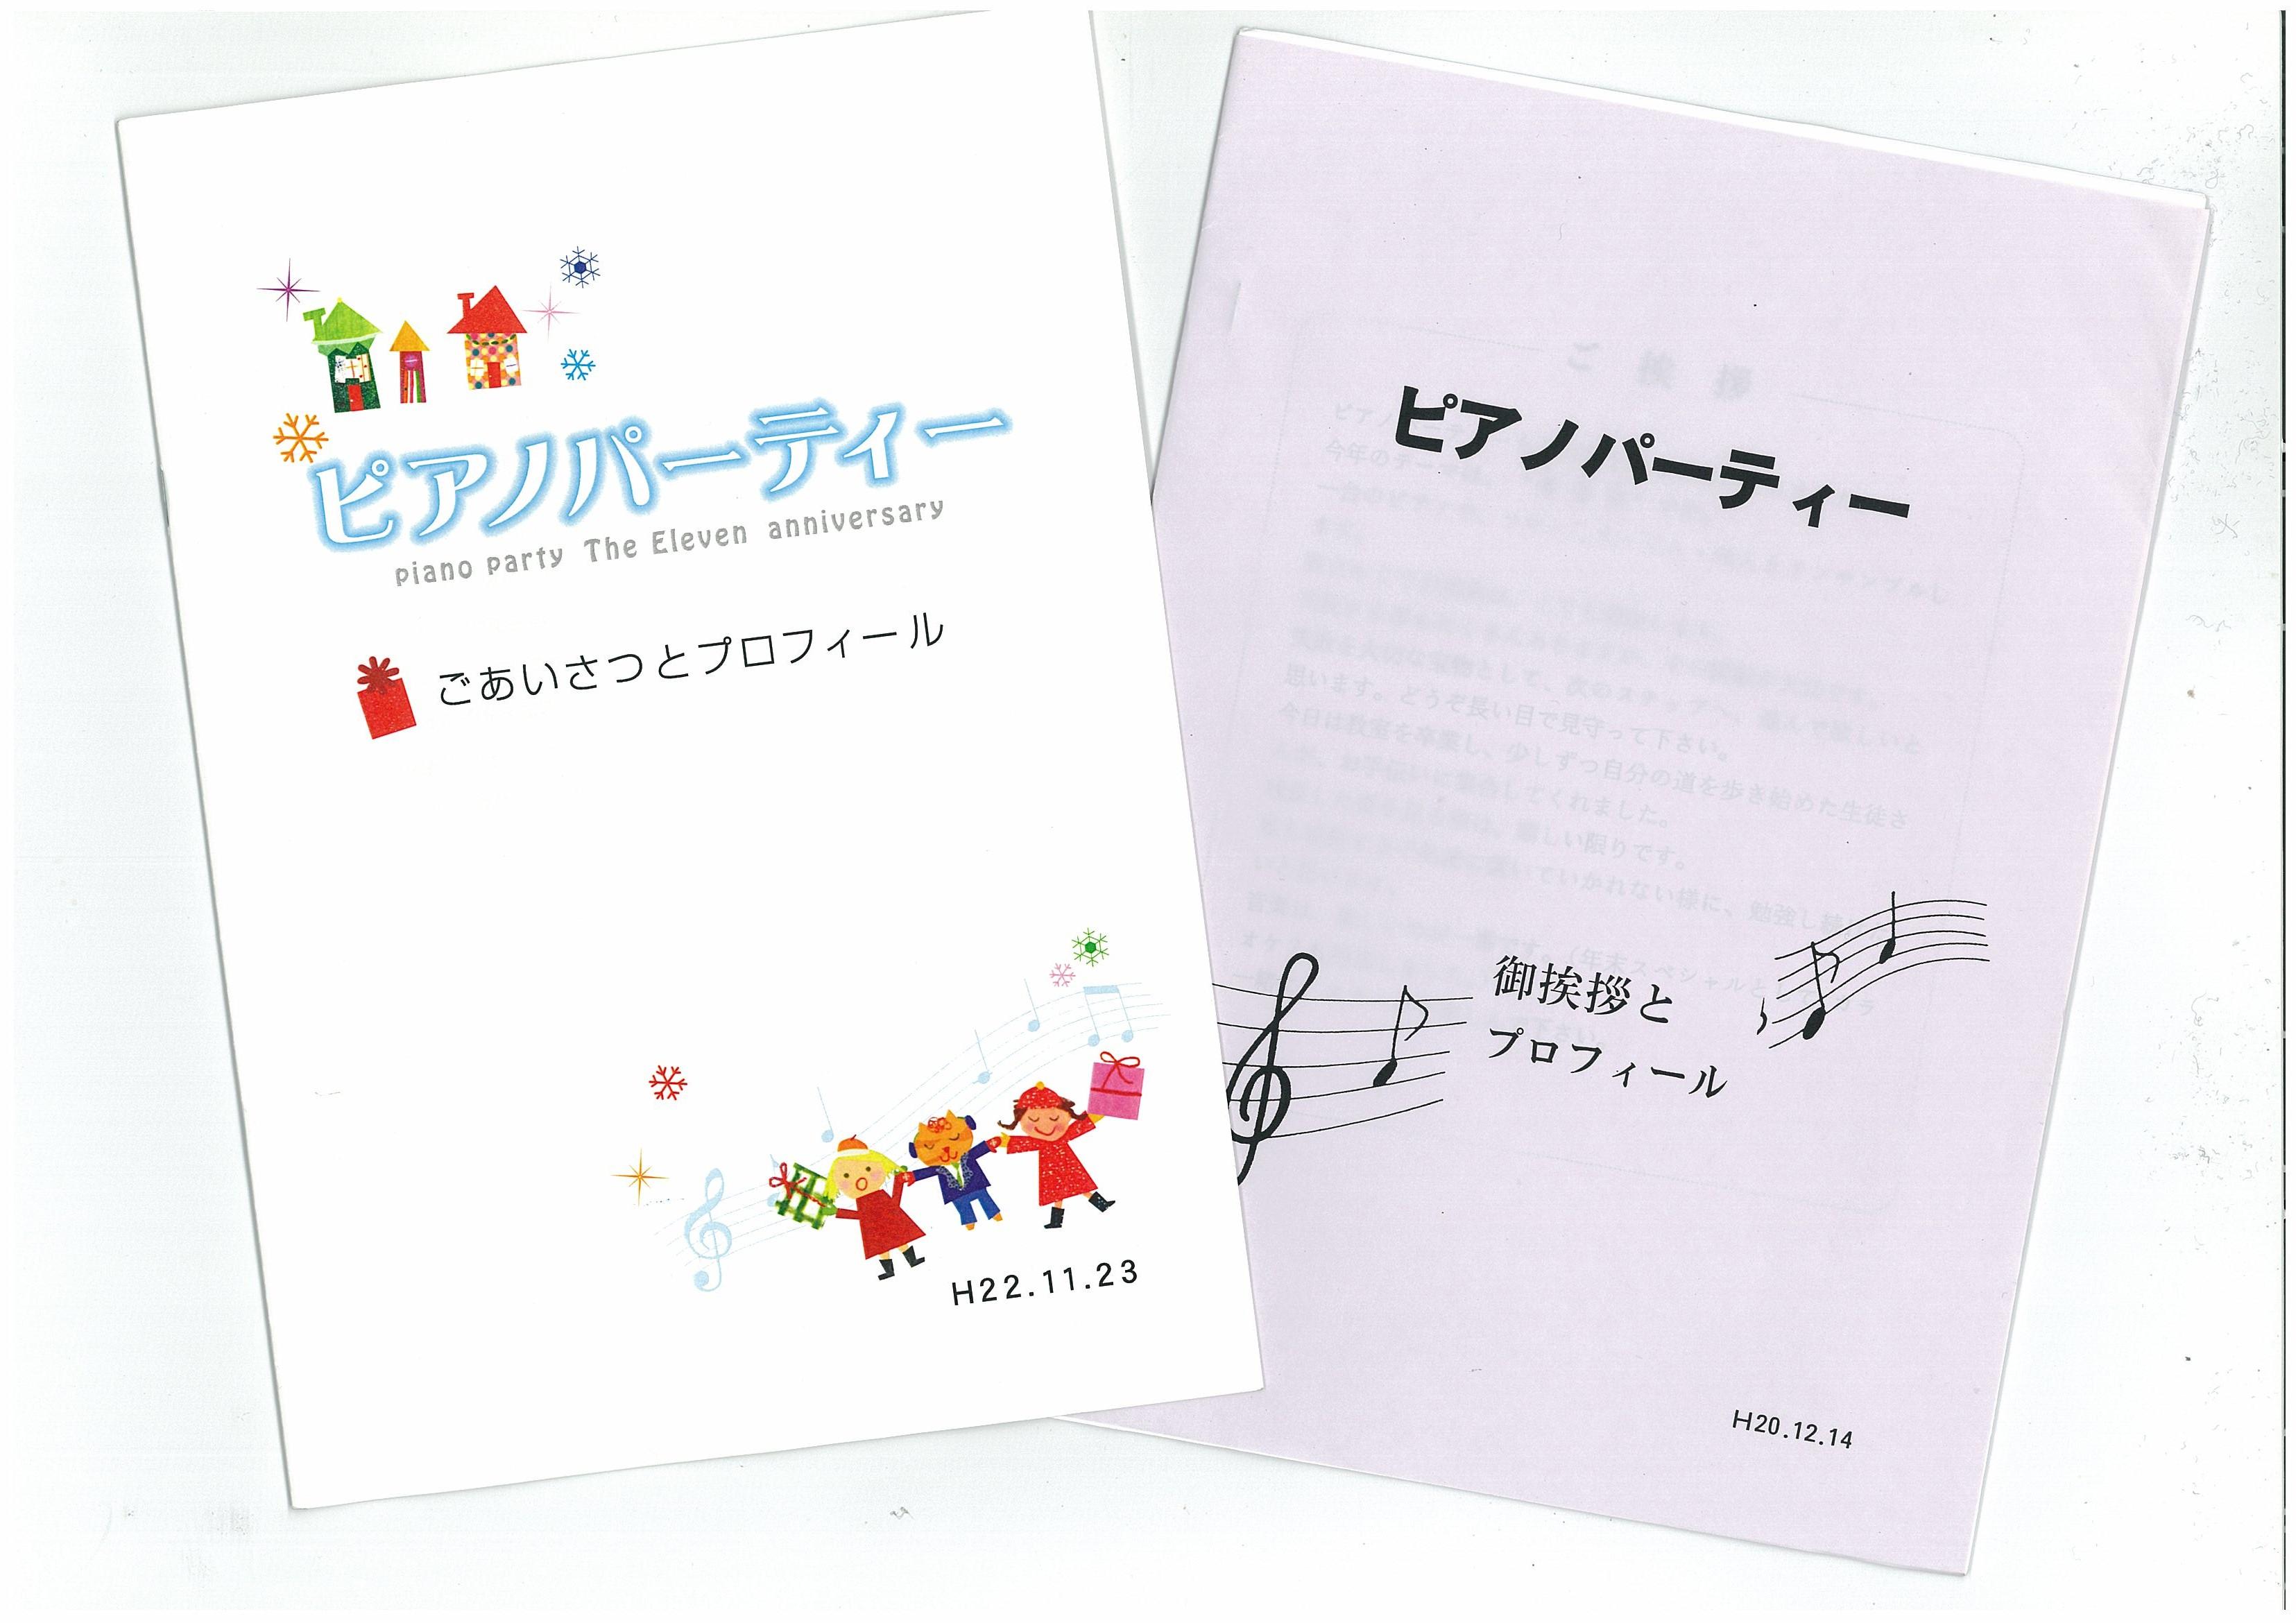 masakonakano_pianoparty01.jpg